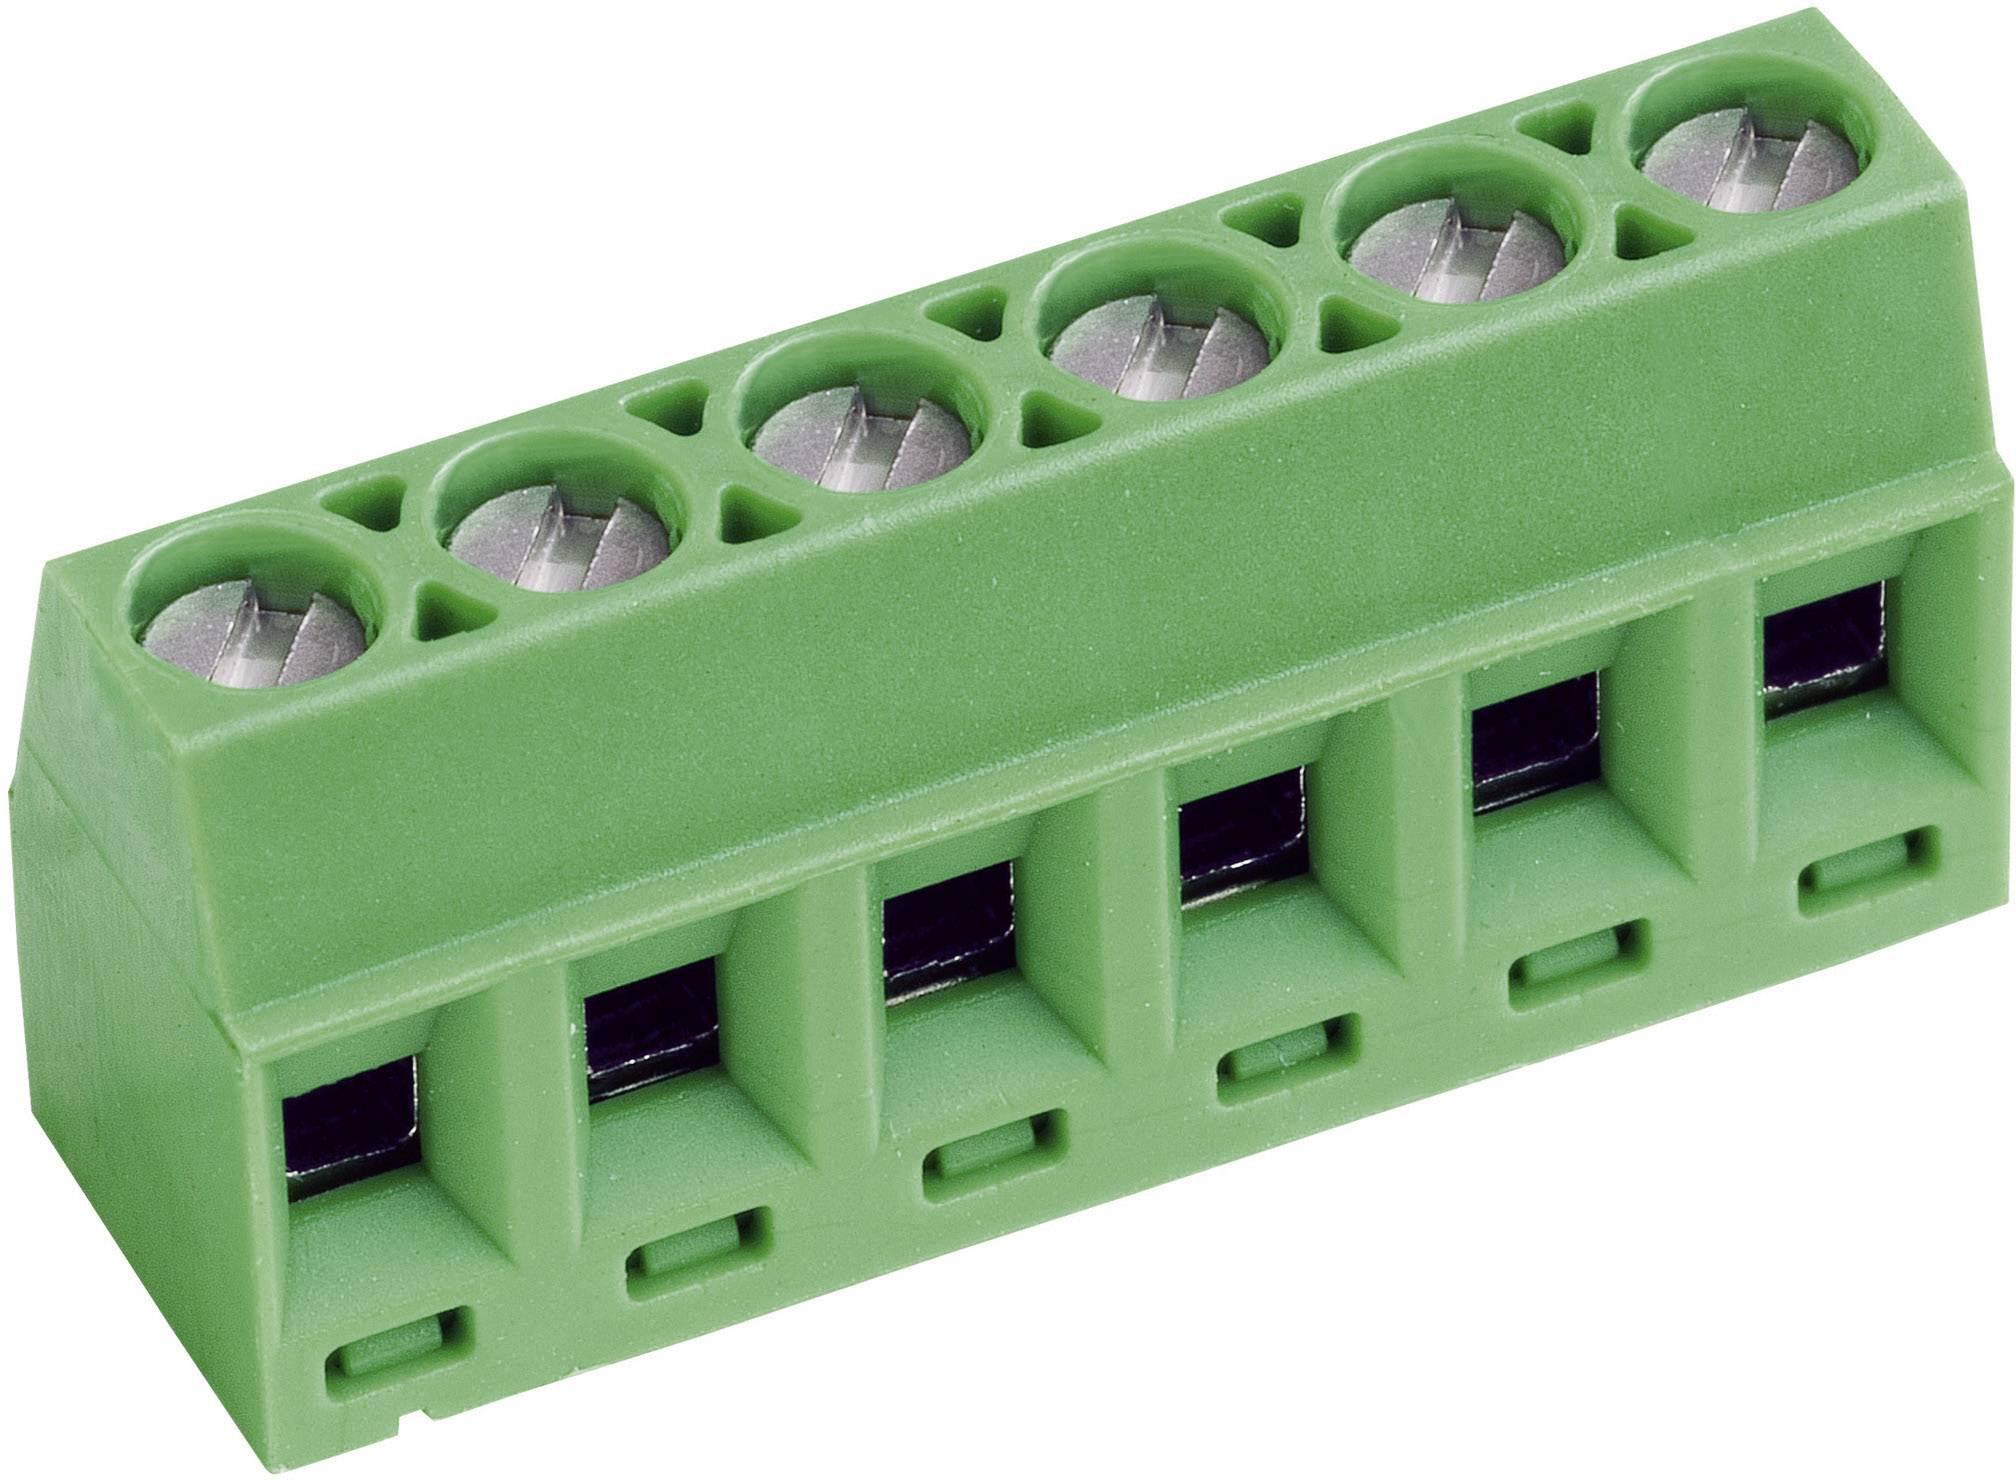 Skrutkovacia svorka PTR AKZ602/8-3.81-V 50602080021E, 1.00 mm², počet pinov 8, zelená, 1 ks